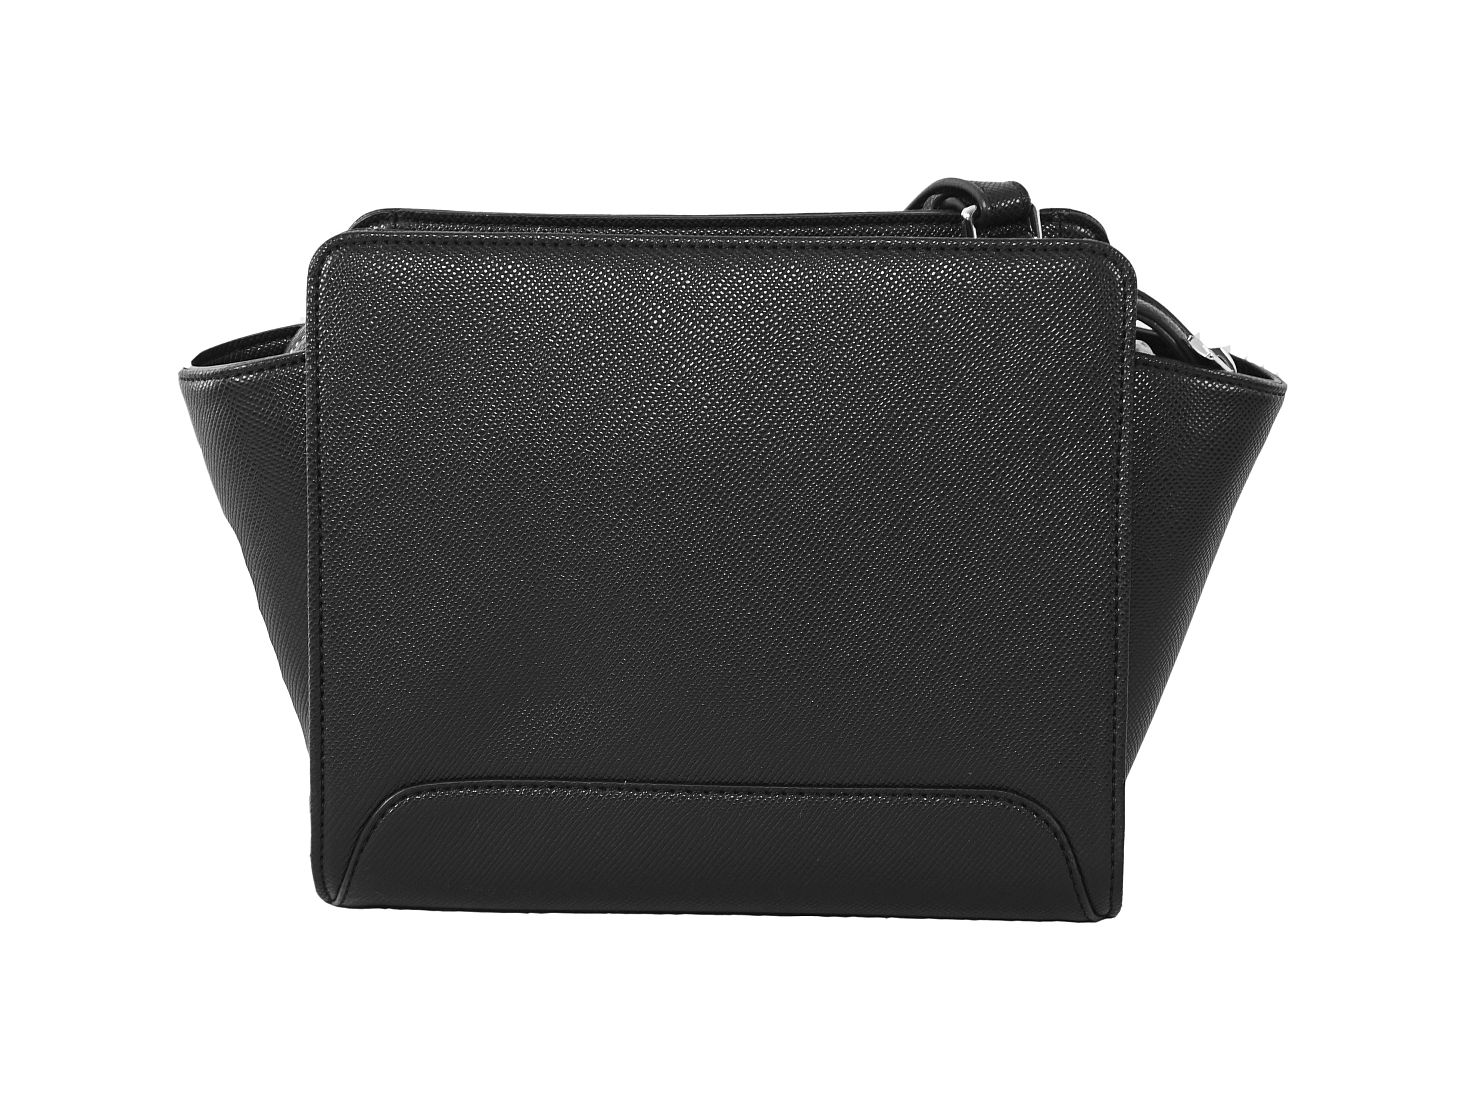 Armani Jeans Tasche Handtasche f. Damen C5251 R4 12 Nero Black HW16